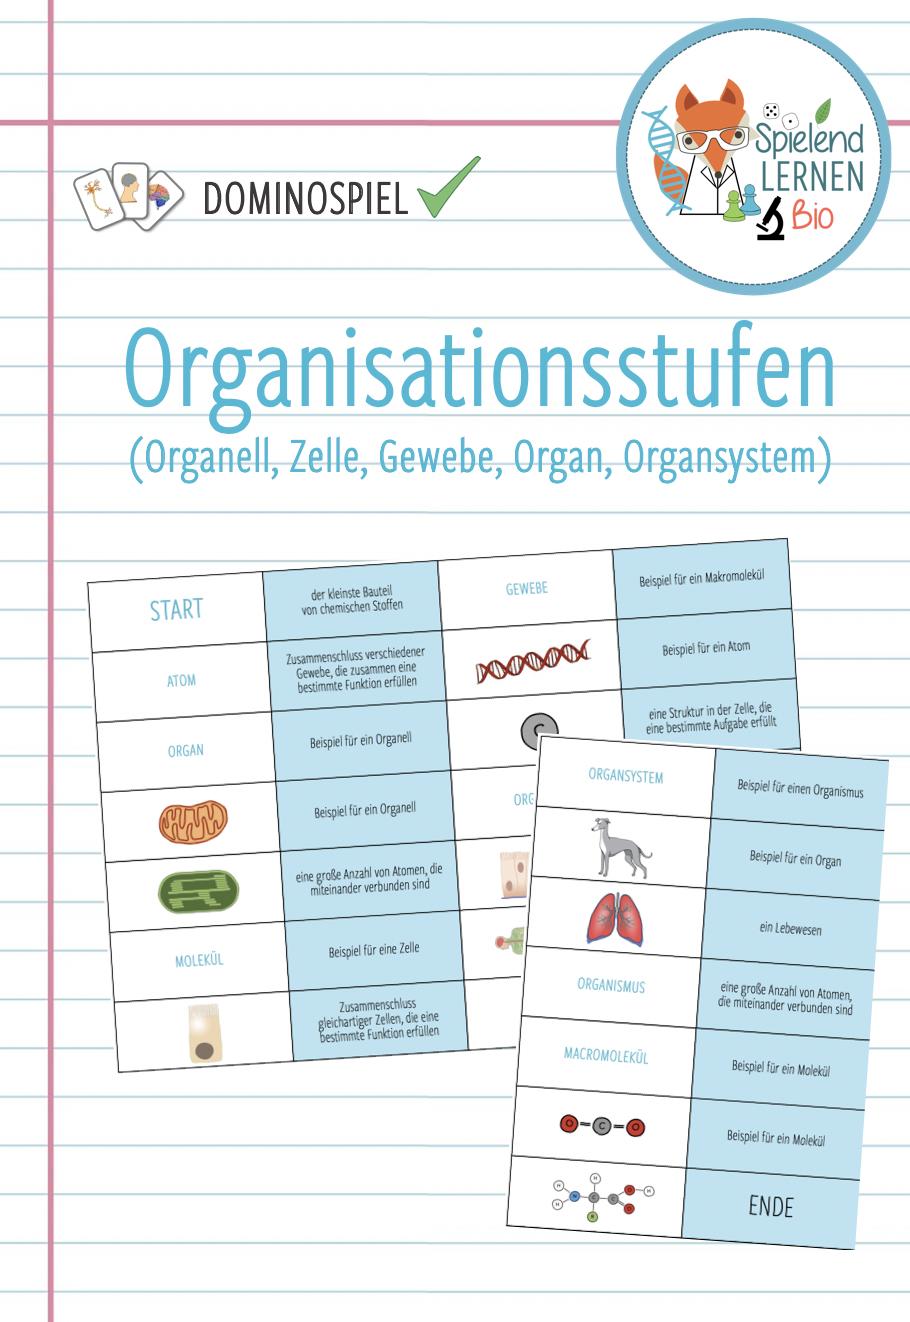 Organisationsstufen Domino Spiel Unterrichtsmaterial Im Fach Biologie In 2020 Domino Spiele Domino Unterrichtsmaterial